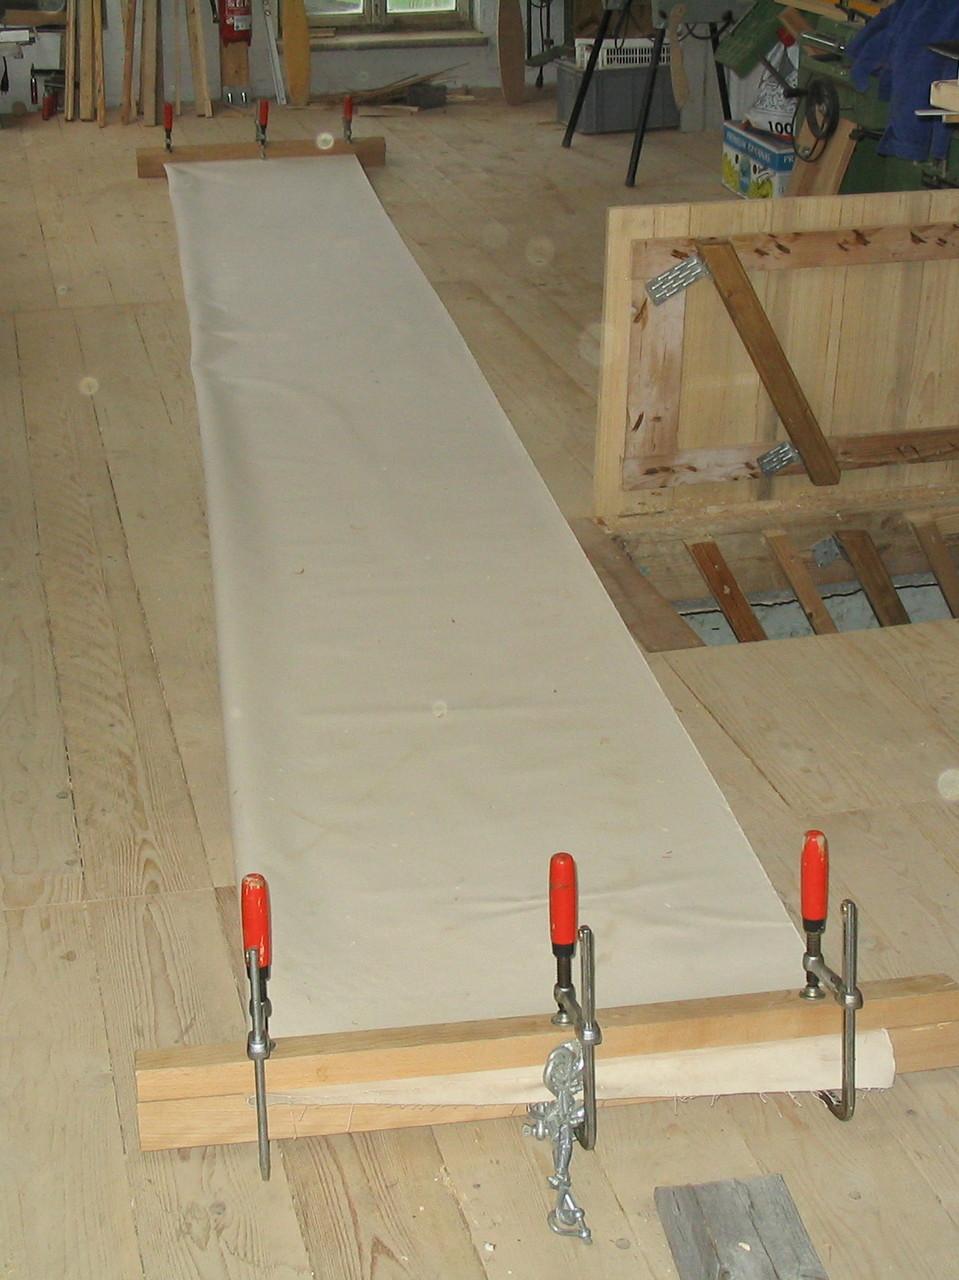 Der Canvas (imprägnierte Baumwolle) wird ausgerollt zusammengelegt und festgezwungen.